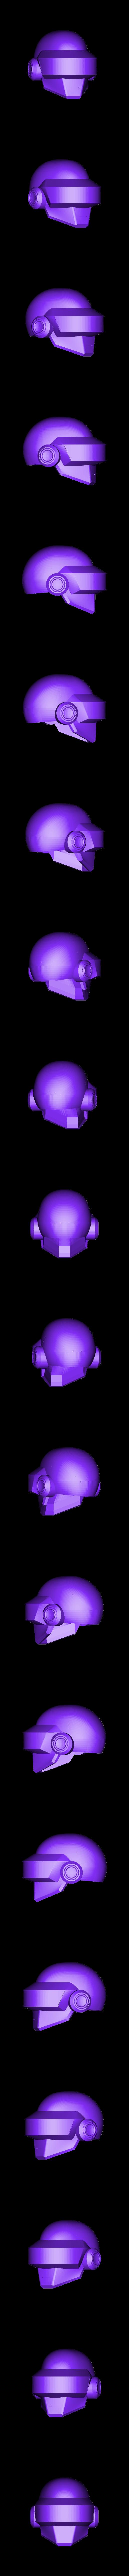 visorMask.Level.stl Télécharger fichier STL gratuit Le casque Daft Punk de Thomas Bangalter • Design pour imprimante 3D, AlbertKhan3D